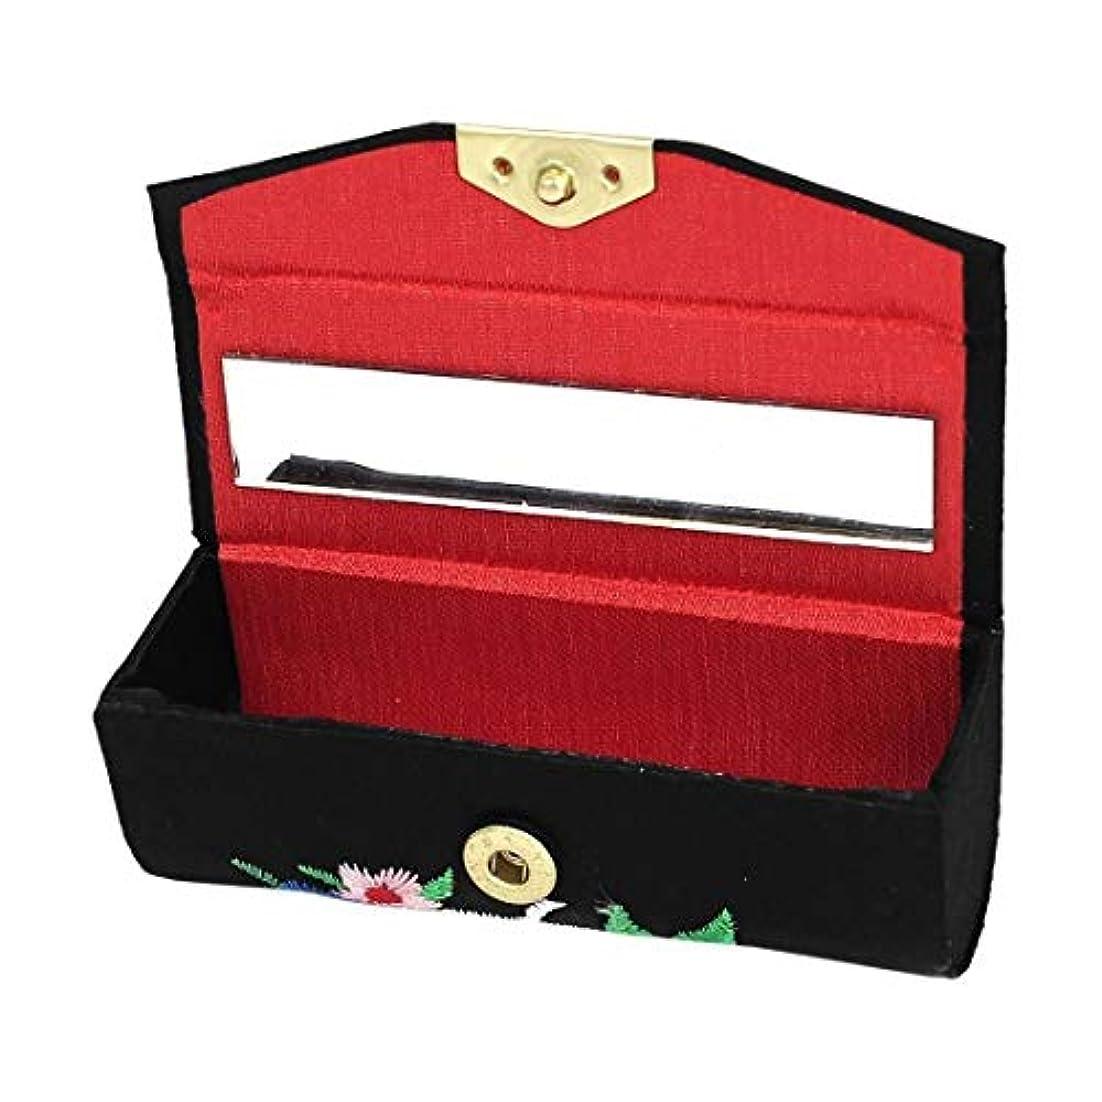 ルアーブリリアントスポーツの試合を担当している人1st market プレミアム品質花刺繍レディー口紅リップチャップスティック化粧ケースボックスブラック